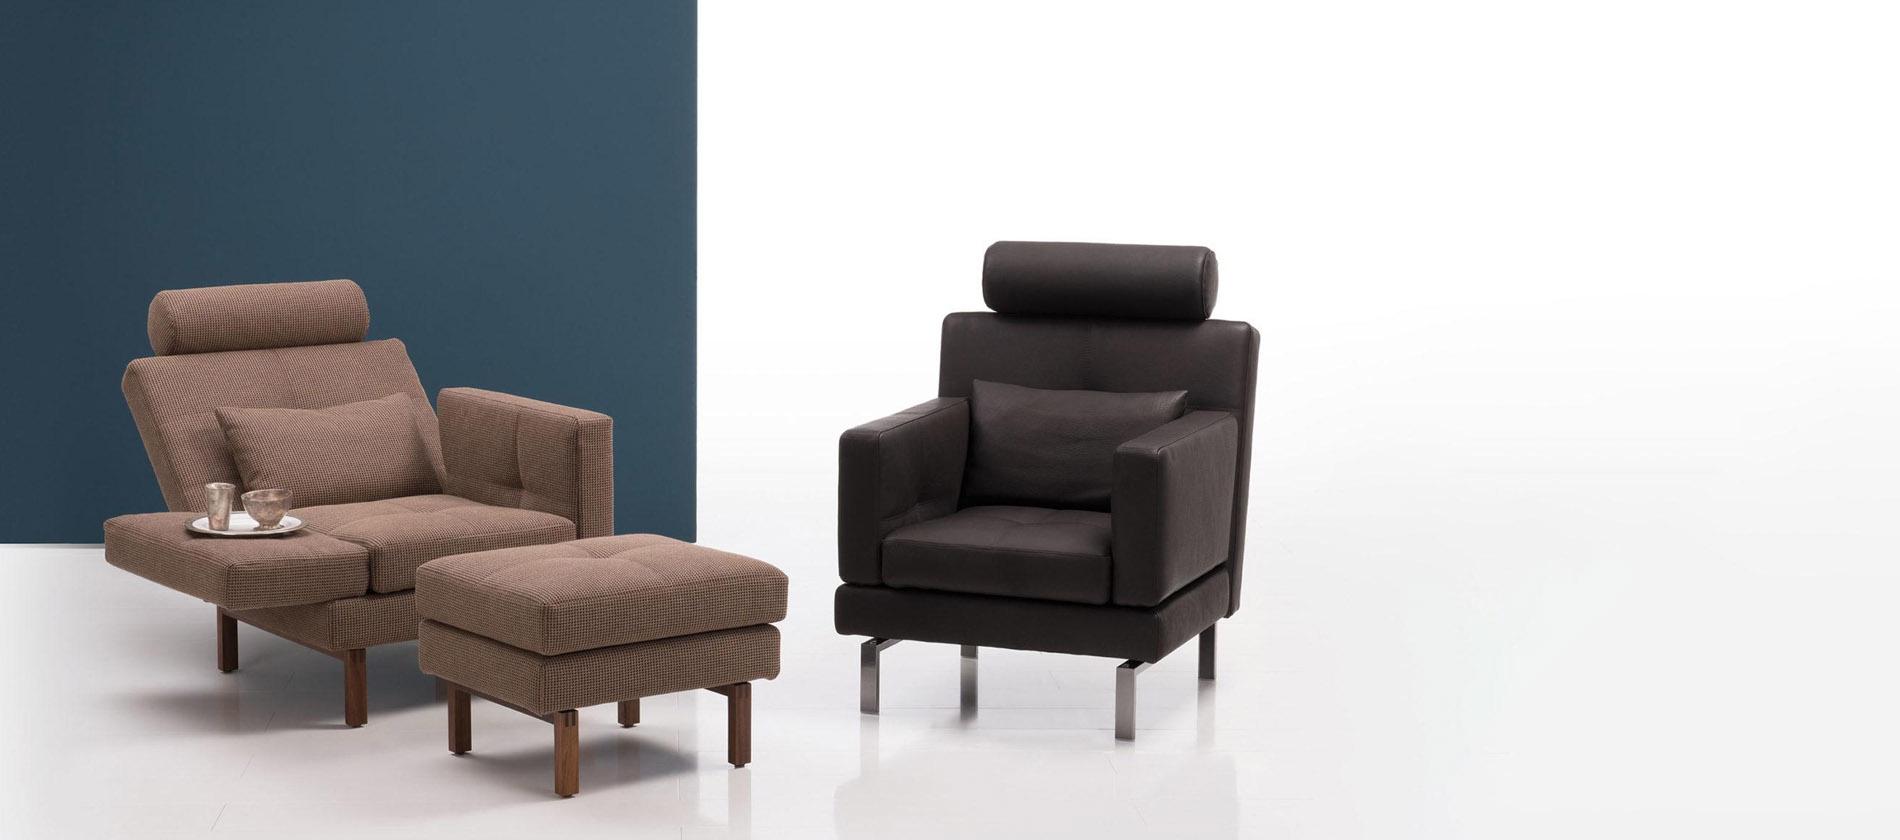 sessel amber von br hl der elegante funktionssessel. Black Bedroom Furniture Sets. Home Design Ideas